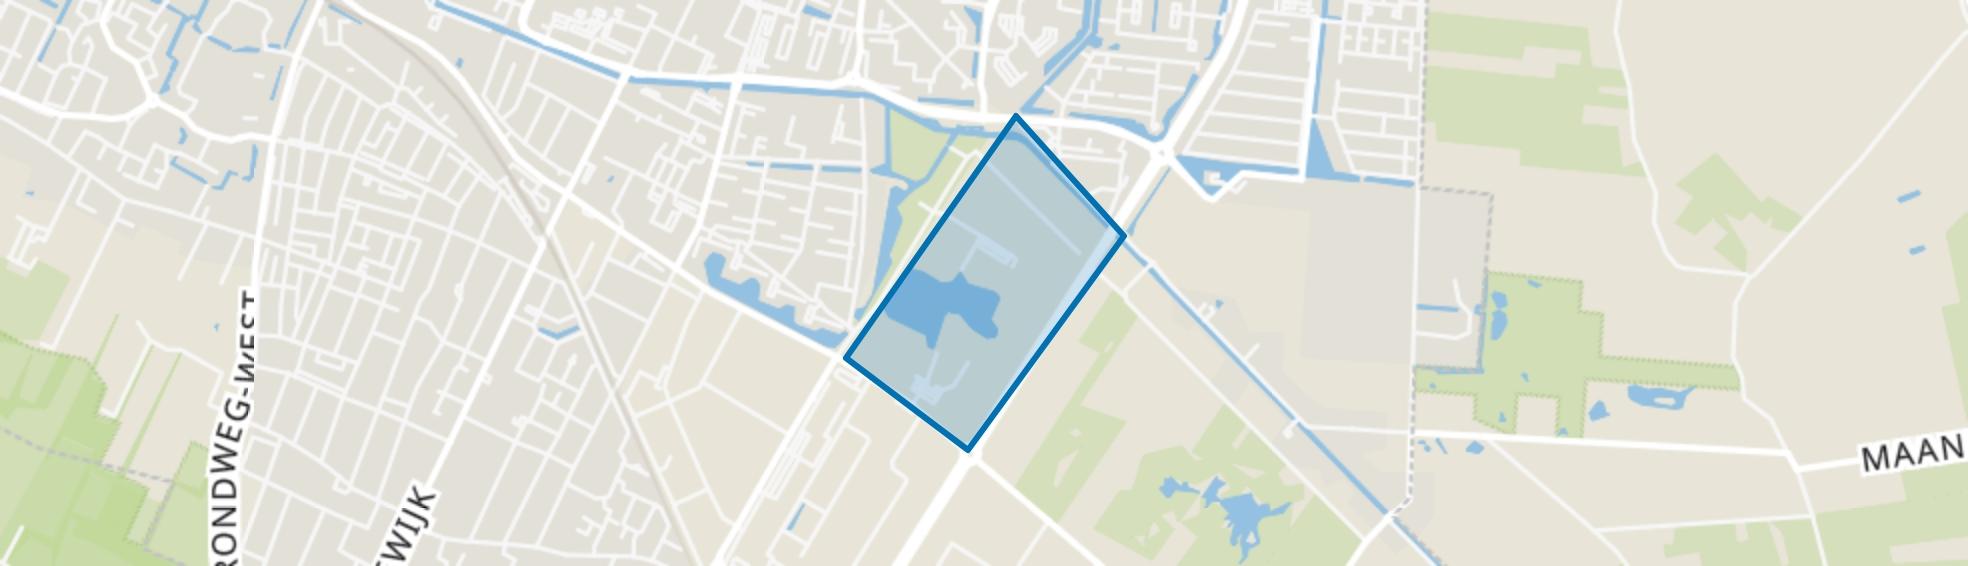 De Groene Velden, Veenendaal map